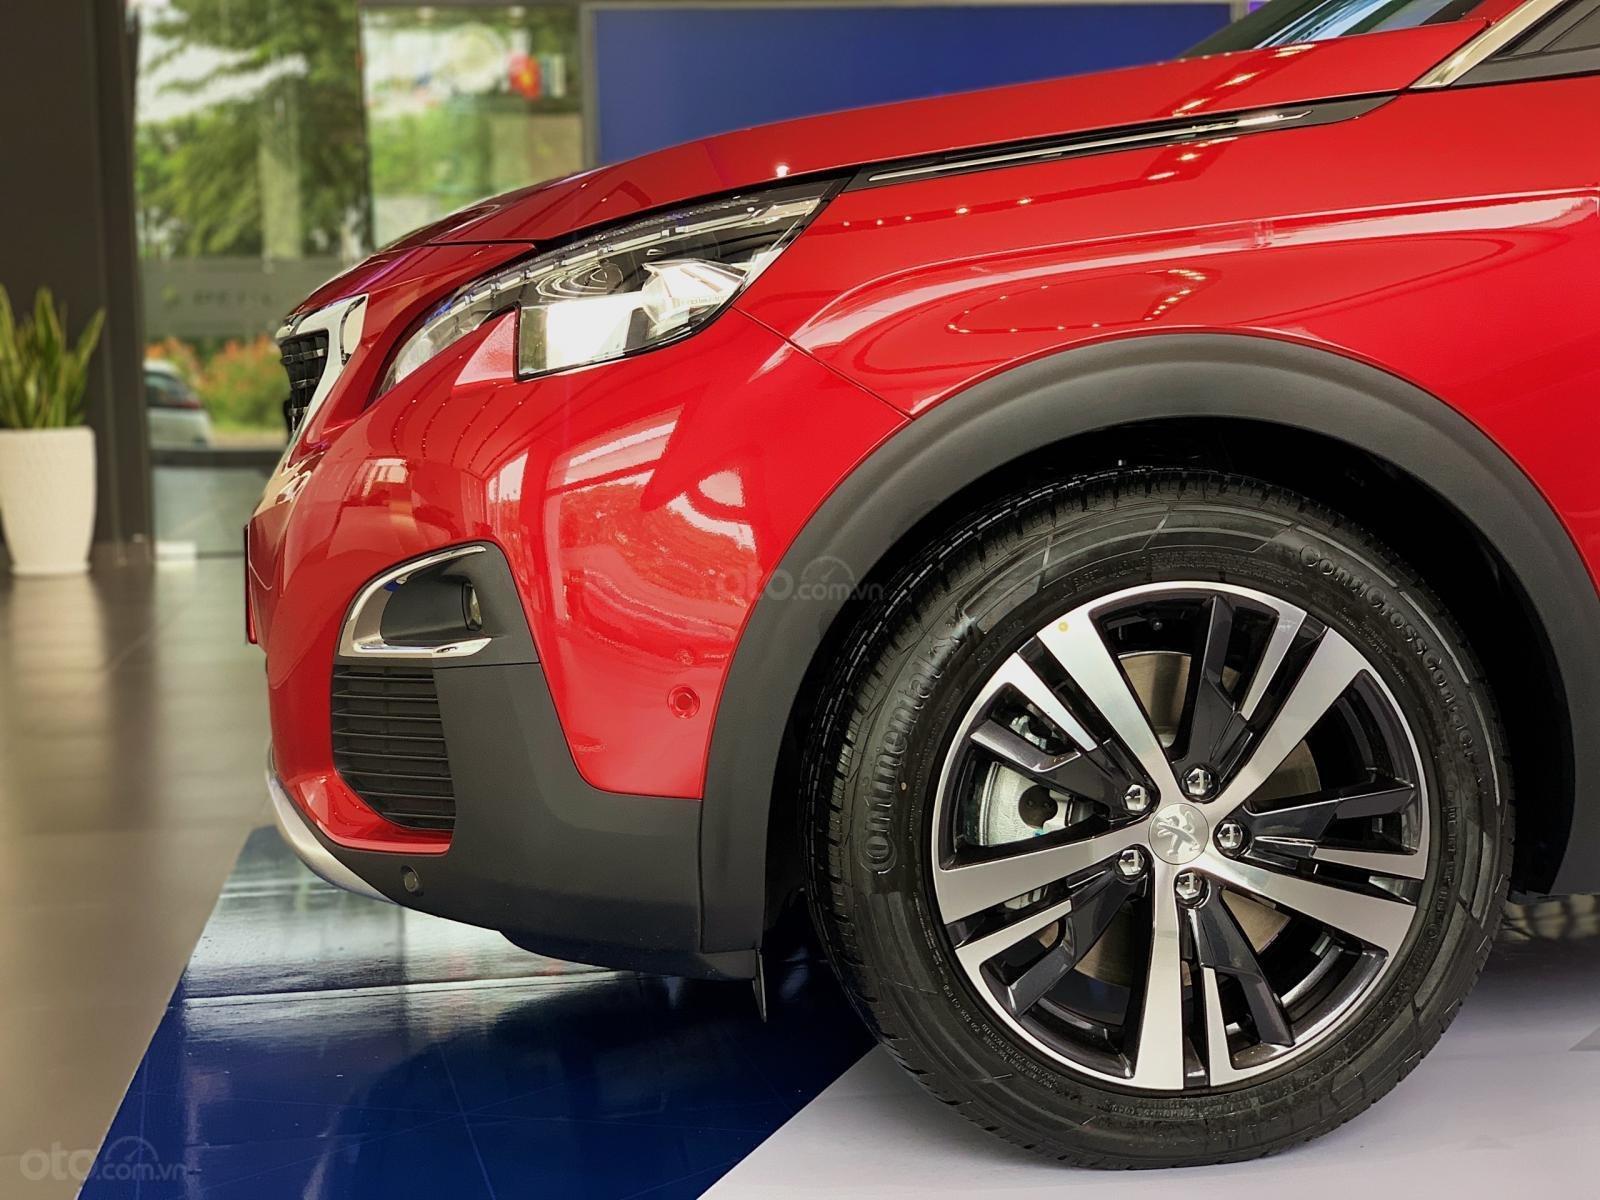 Cần bán nhanh chiếc xe Peugeot 5008 năm 2019, màu đỏ - Có sẵn xe - Giao nhanh toàn quốc (9)